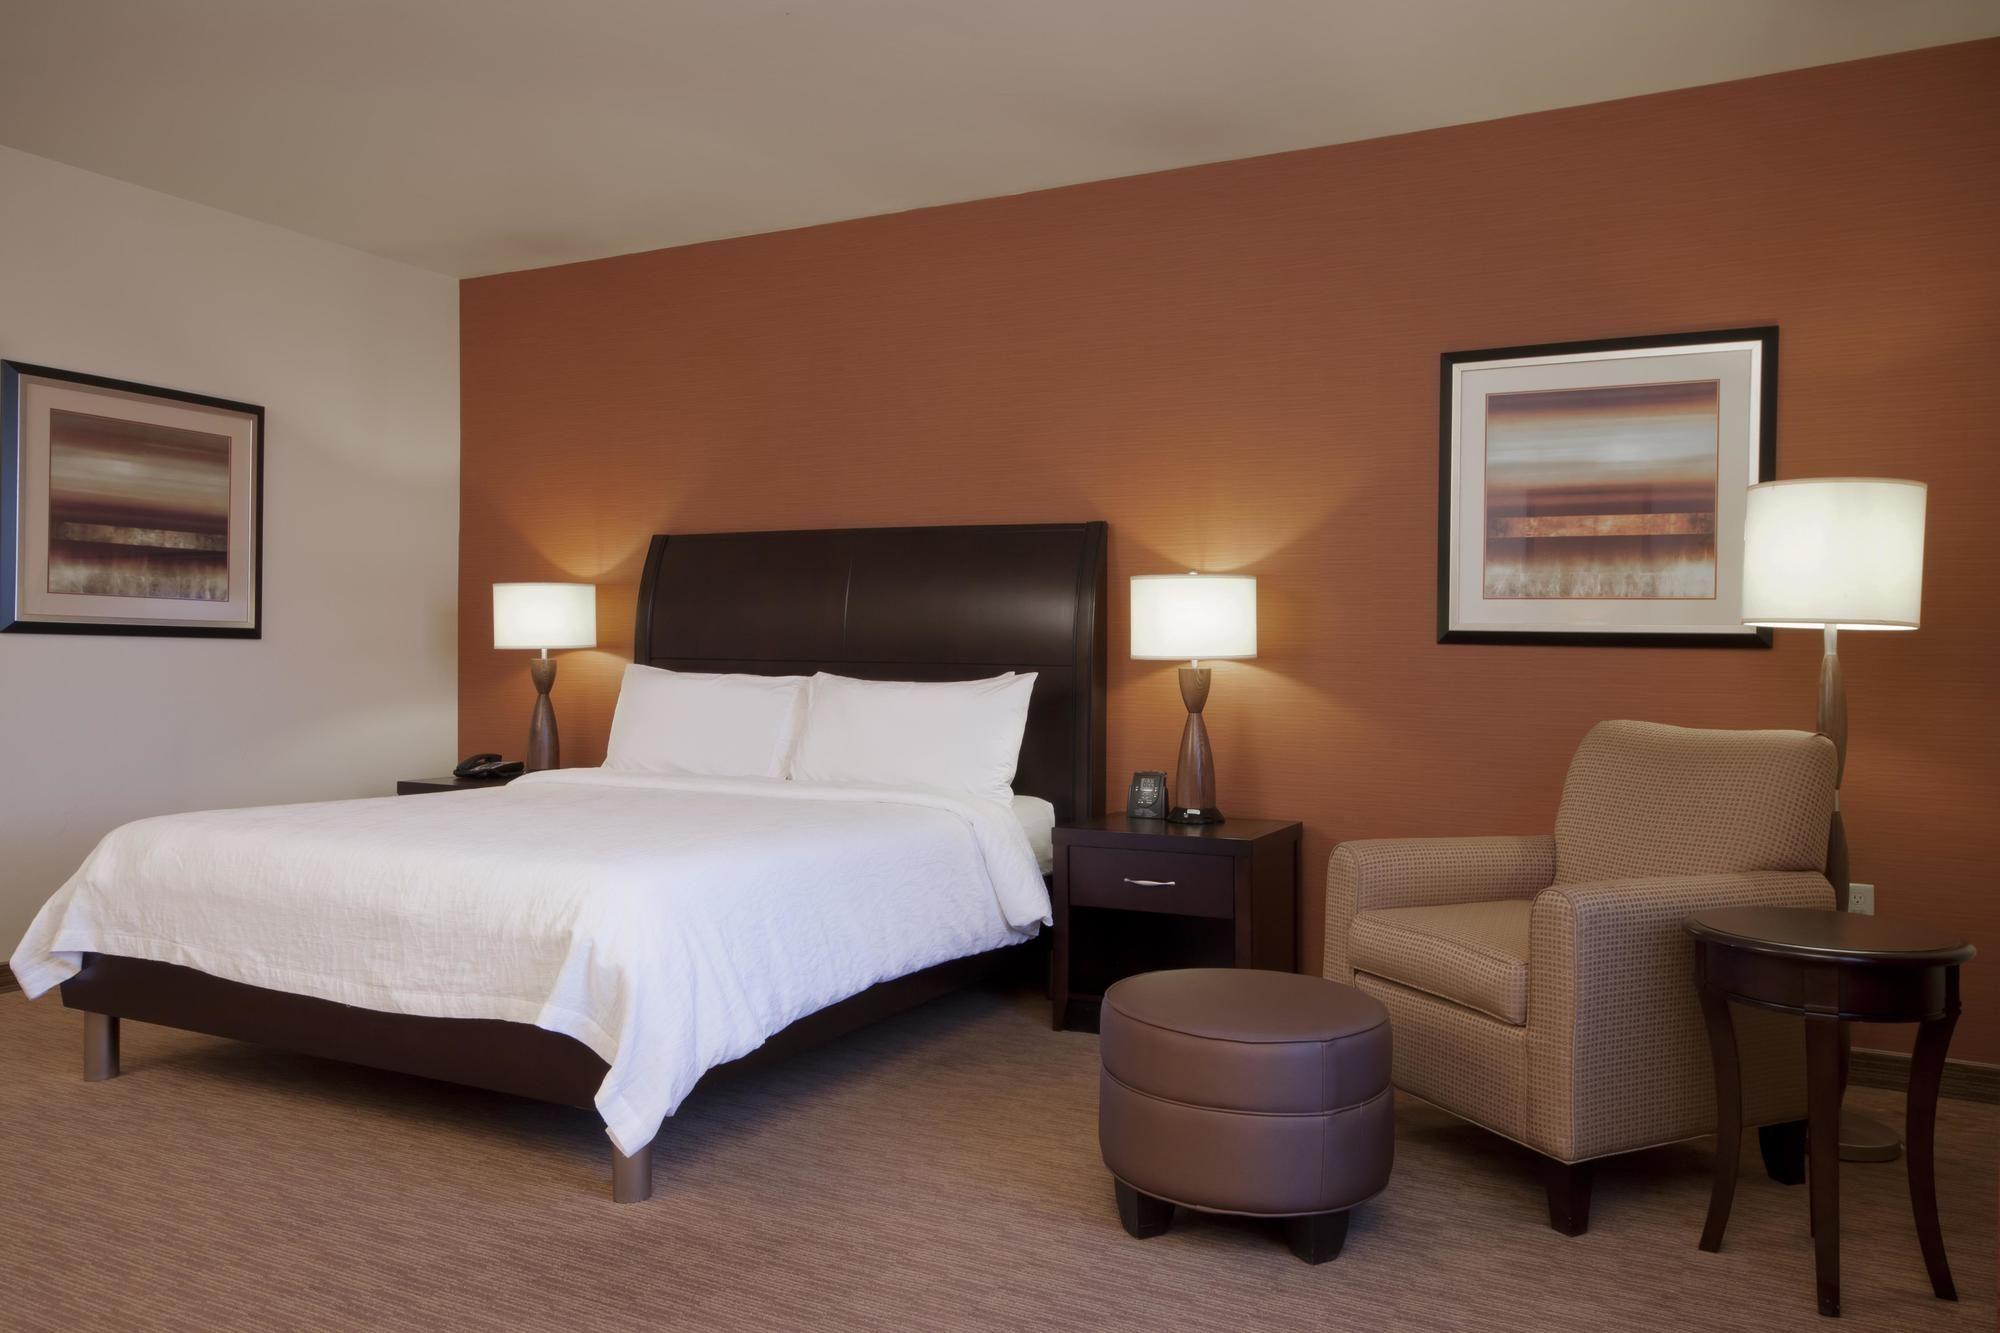 Discount Coupon for Hilton Garden Inn Oklahoma City Midtown in ...